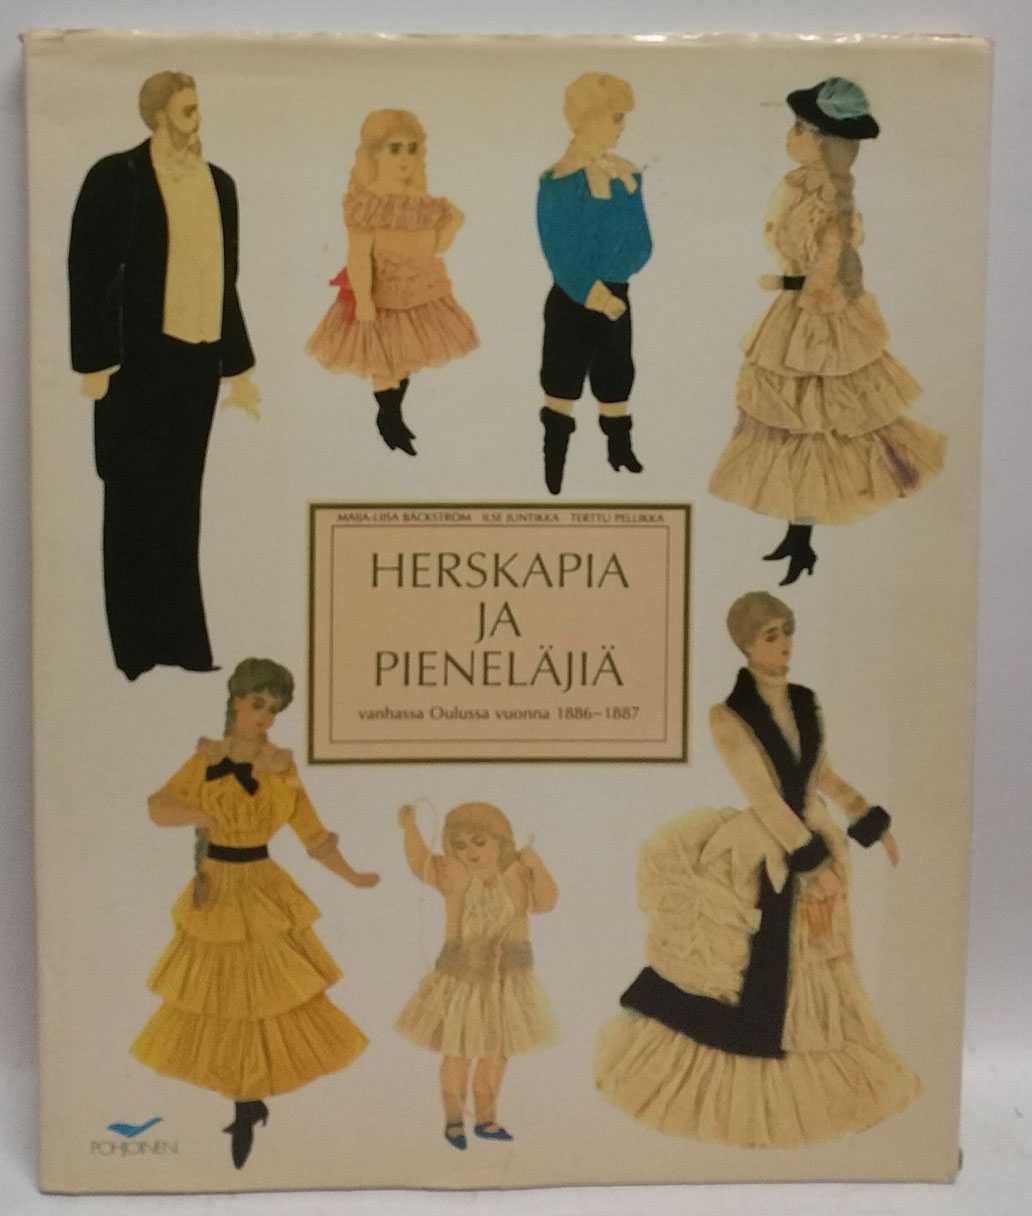 Herskapia Ja Pienelajia: vanhassa Oulussa vuonna, 1886-1887, Maija-Liisa Backstrom; Ilse Juntikka; Terttu Pellikka